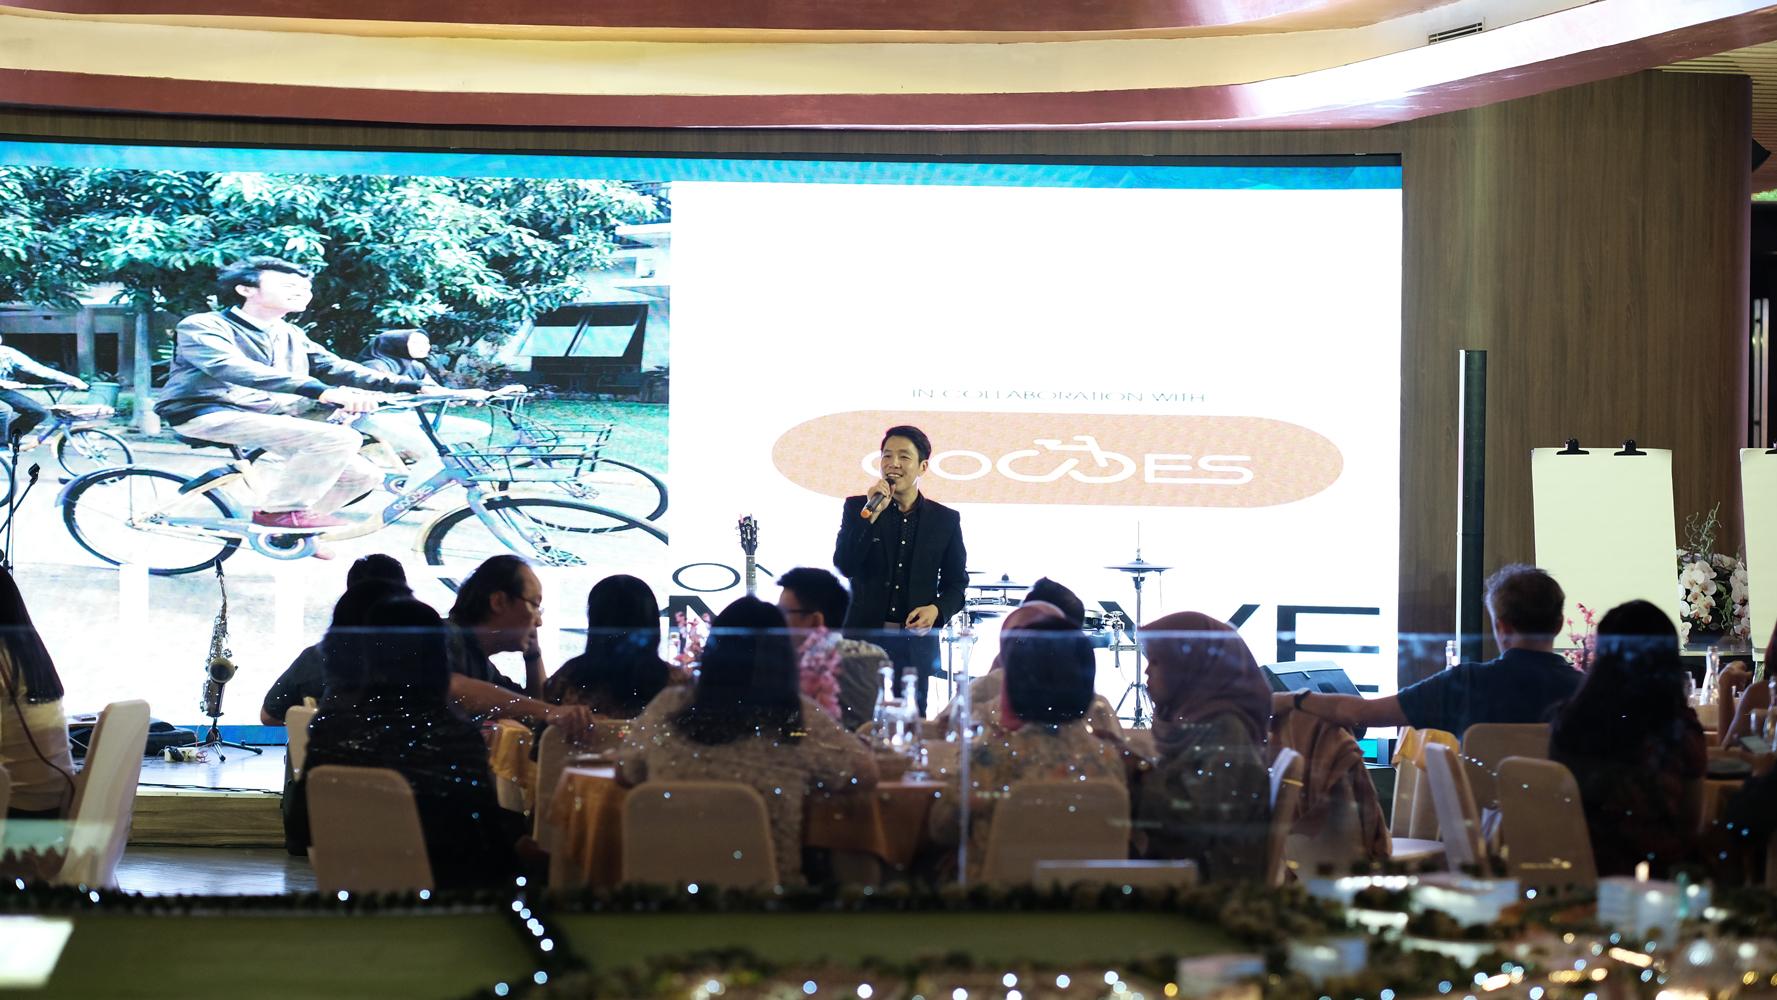 Podomoro Park Bandung even terbaru